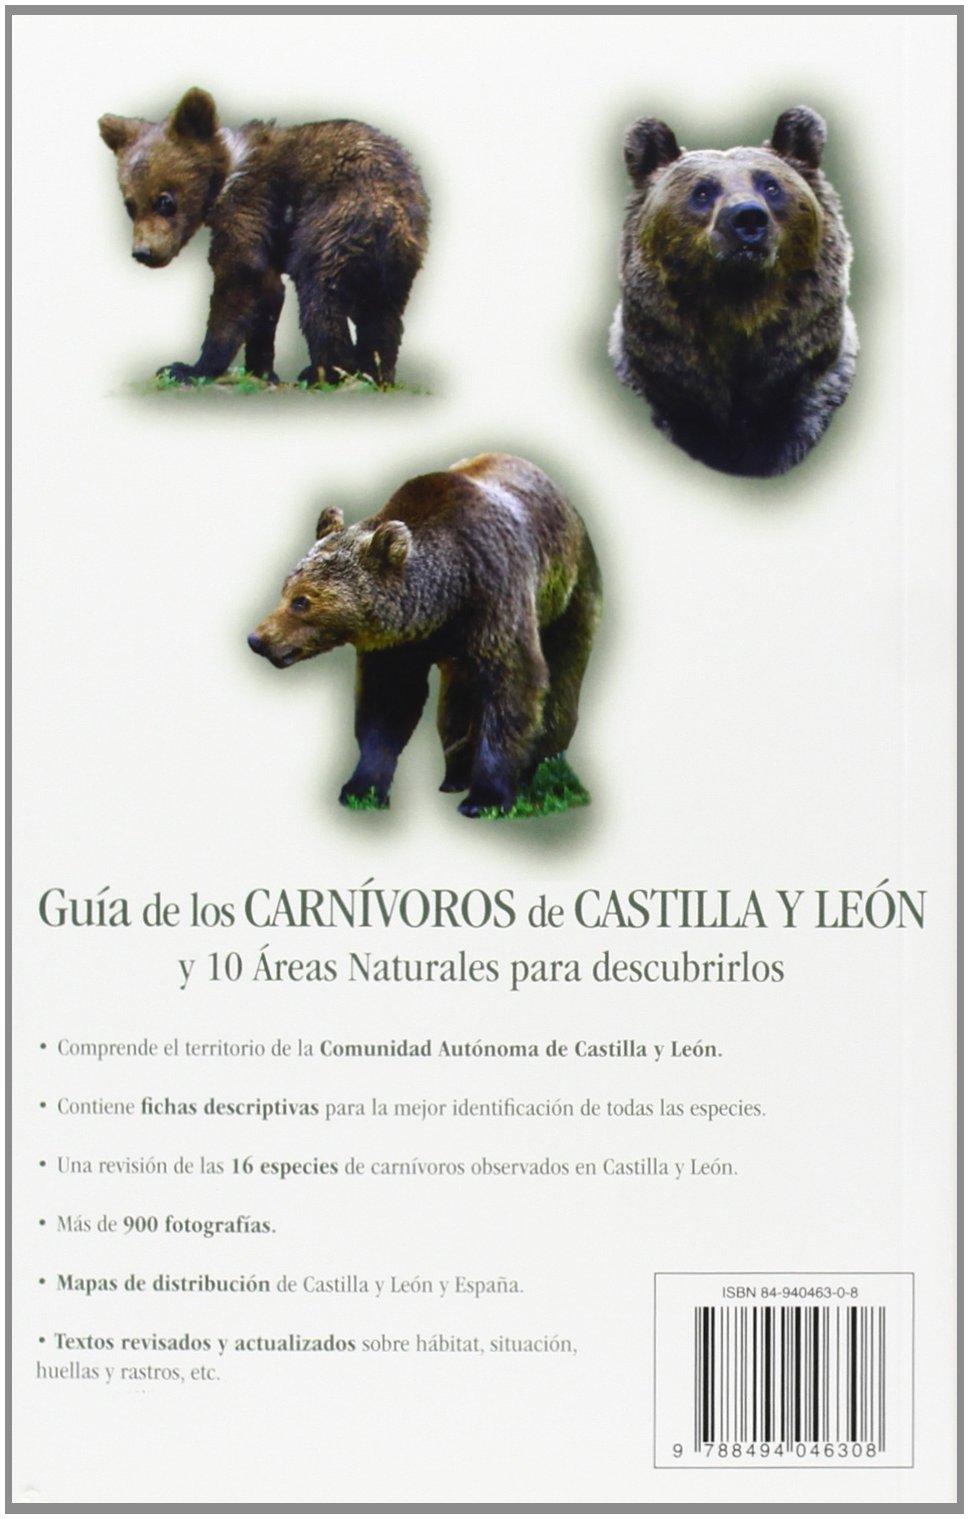 GUIA DE LOS CARNIVOROS DE CASTILLA Y LEON: Amazon.es: VV.AA.: Libros